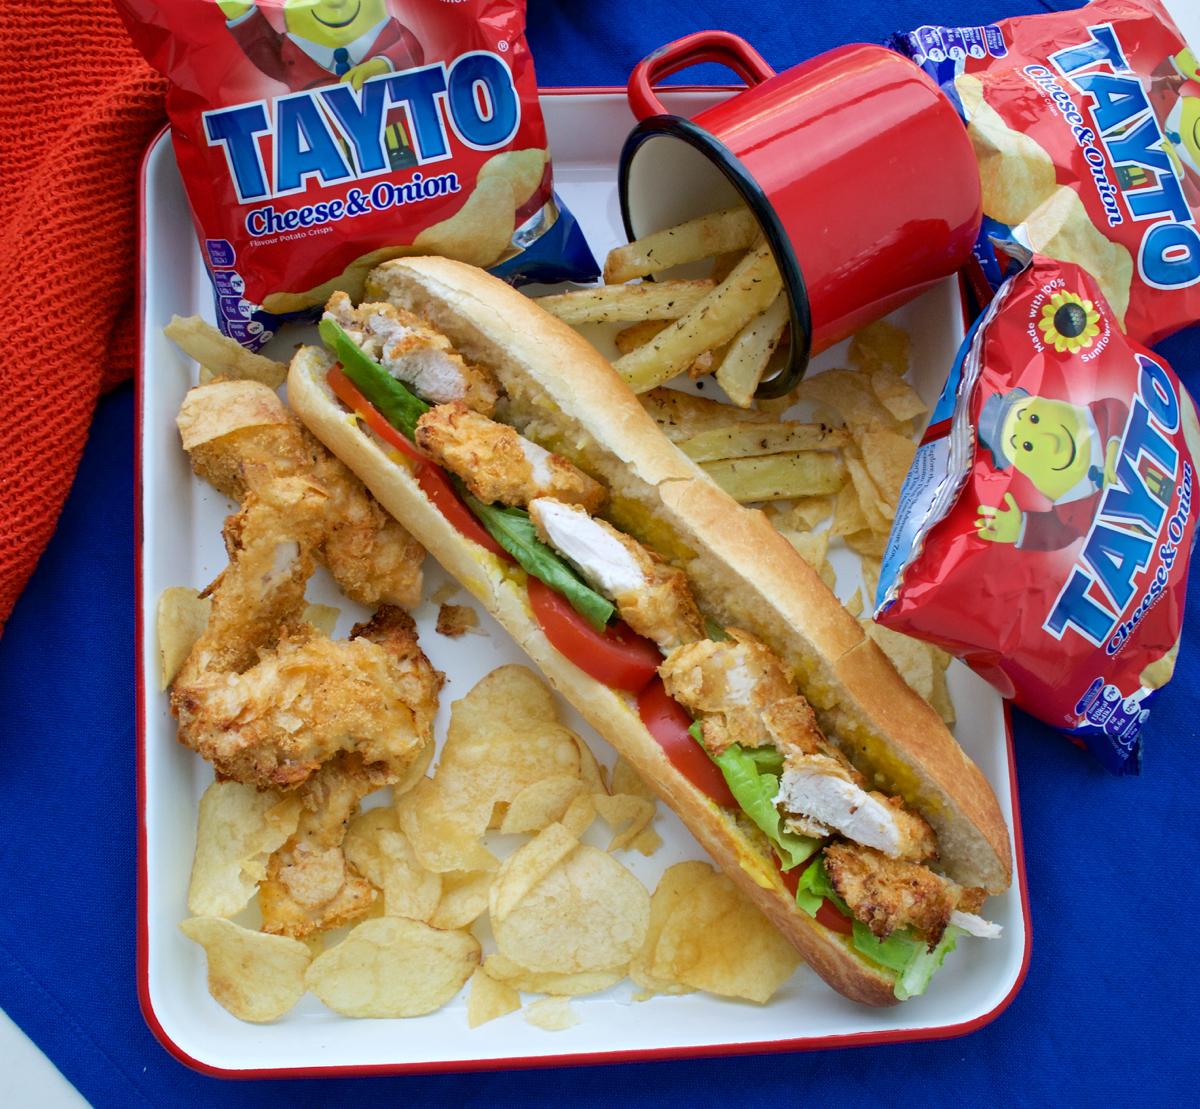 chicken fillet roll, tayto chicken roll, tayto crisps ireland, tayto chicken, crisp breaded chicken, crispy breadcrumb chicken, crispy chicken roll, gastrogays tayto, gastrogays chicken fillet,